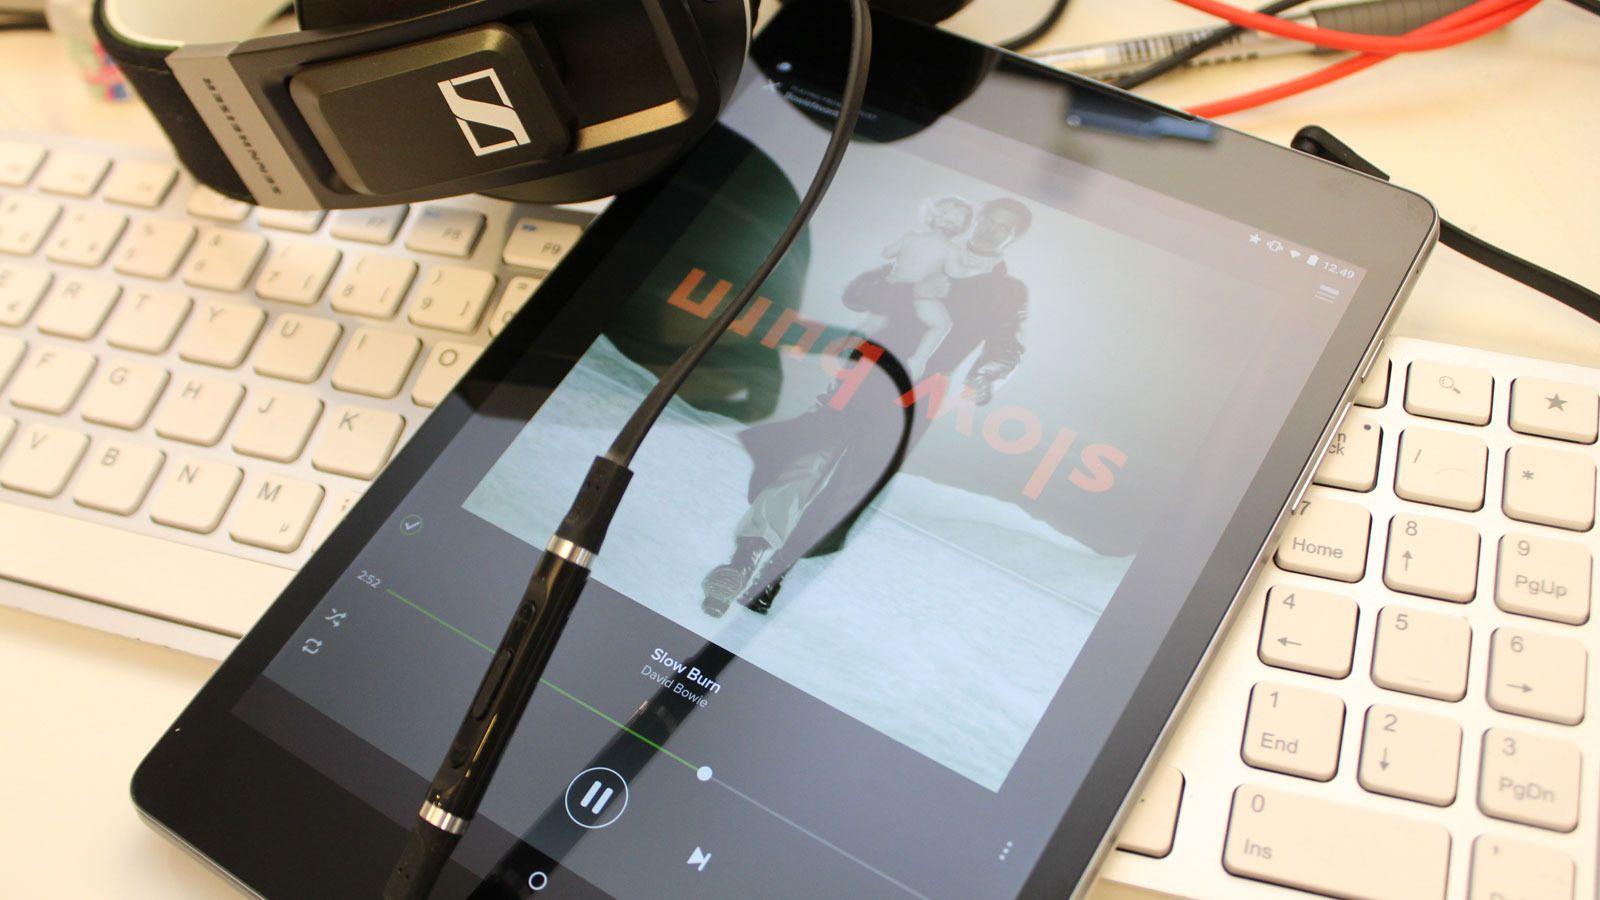 Ikke noe nettbrett leverer bedre musikkopplevelse enn HTC Nexus 9. .Foto: Espen Irwing Swang, Tek.no